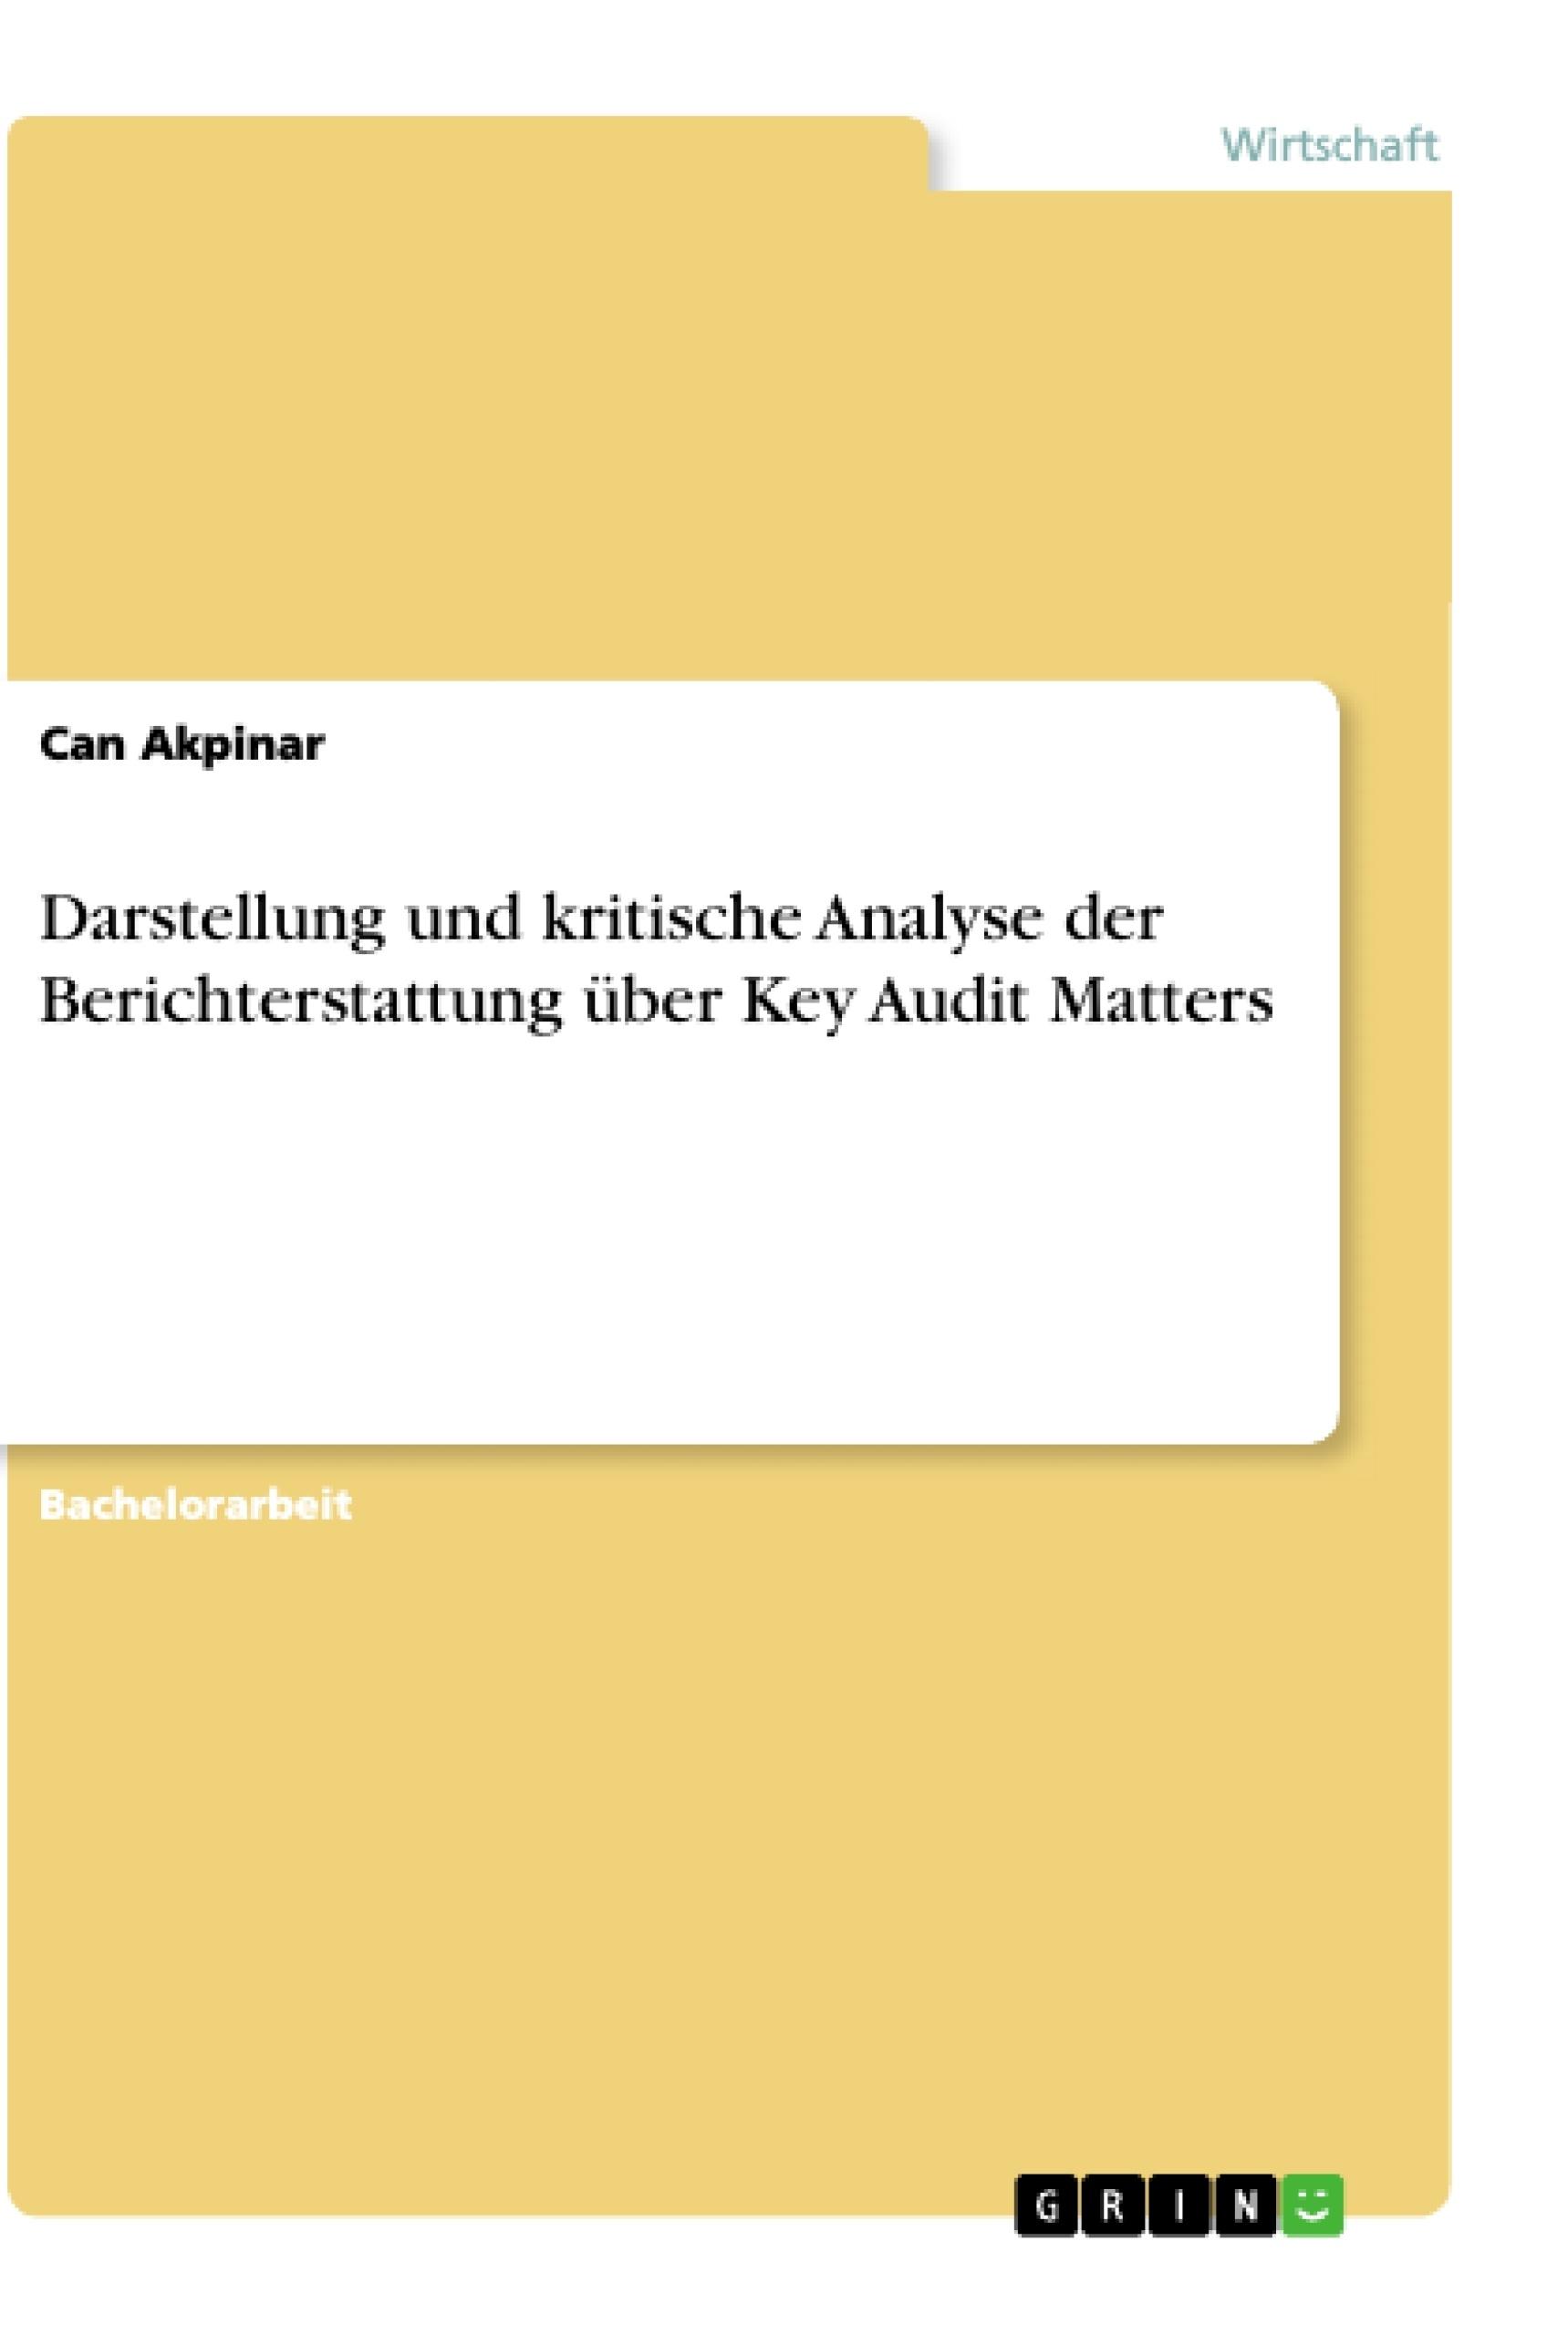 Titel: Darstellung und kritische Analyse der Berichterstattung über Key Audit Matters